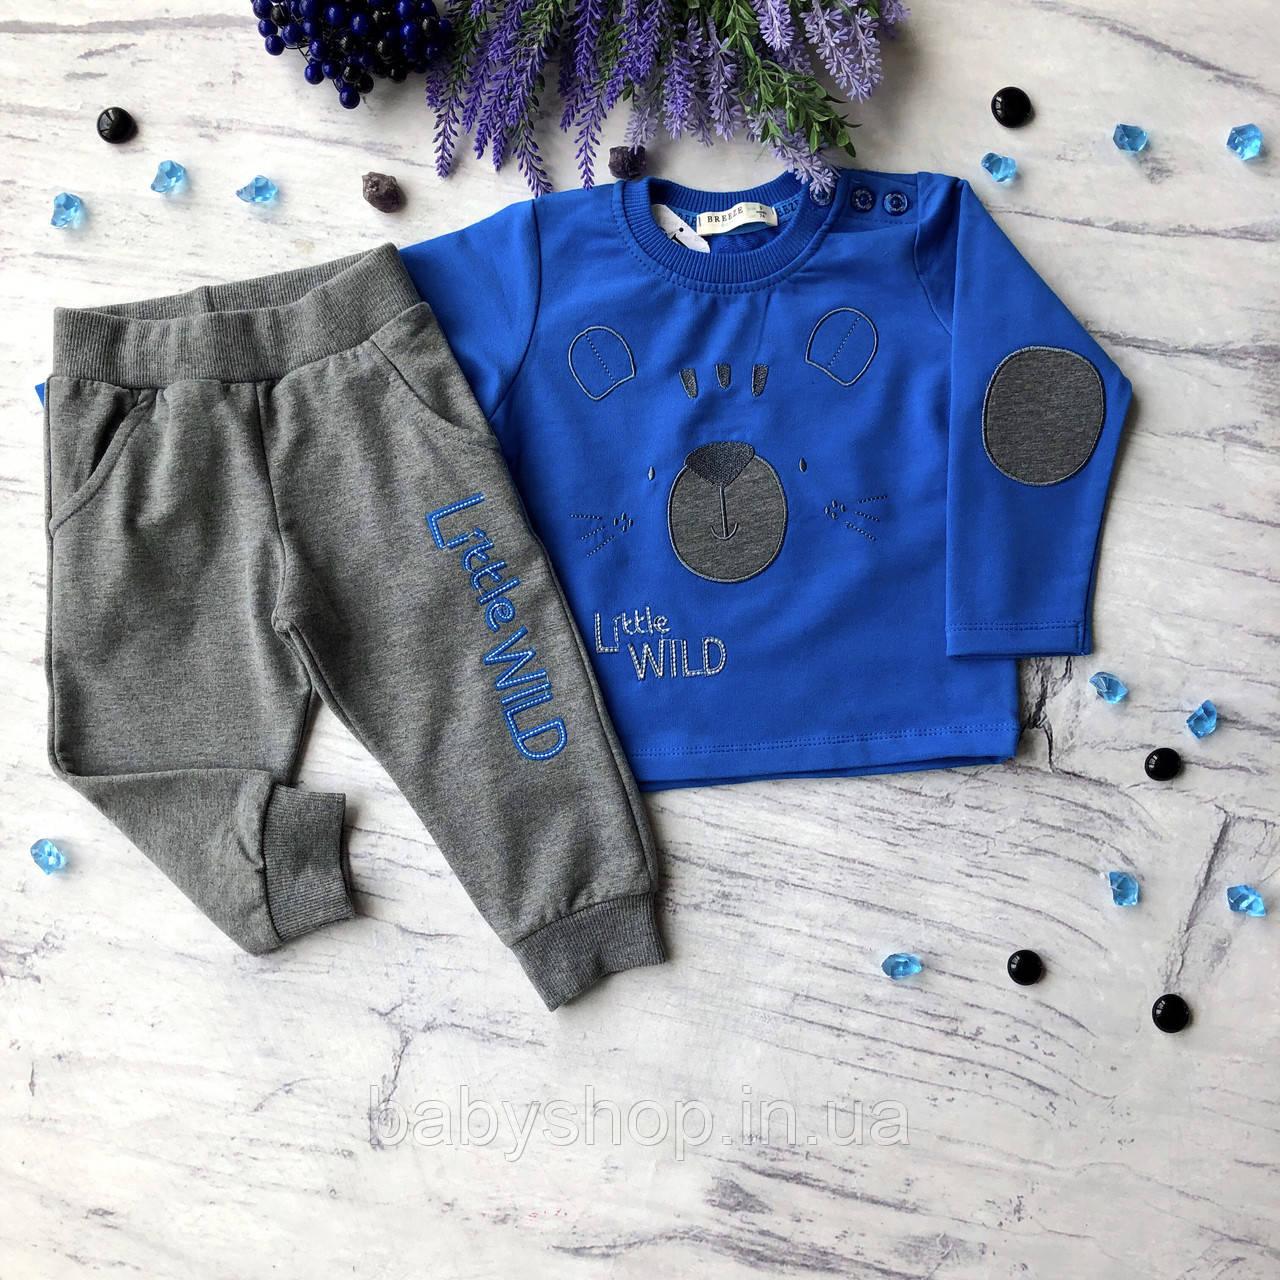 Синий костюм на мальчика Breeze 243. Размер 74 см, 80 см, 86 см, 98 см (3 года)